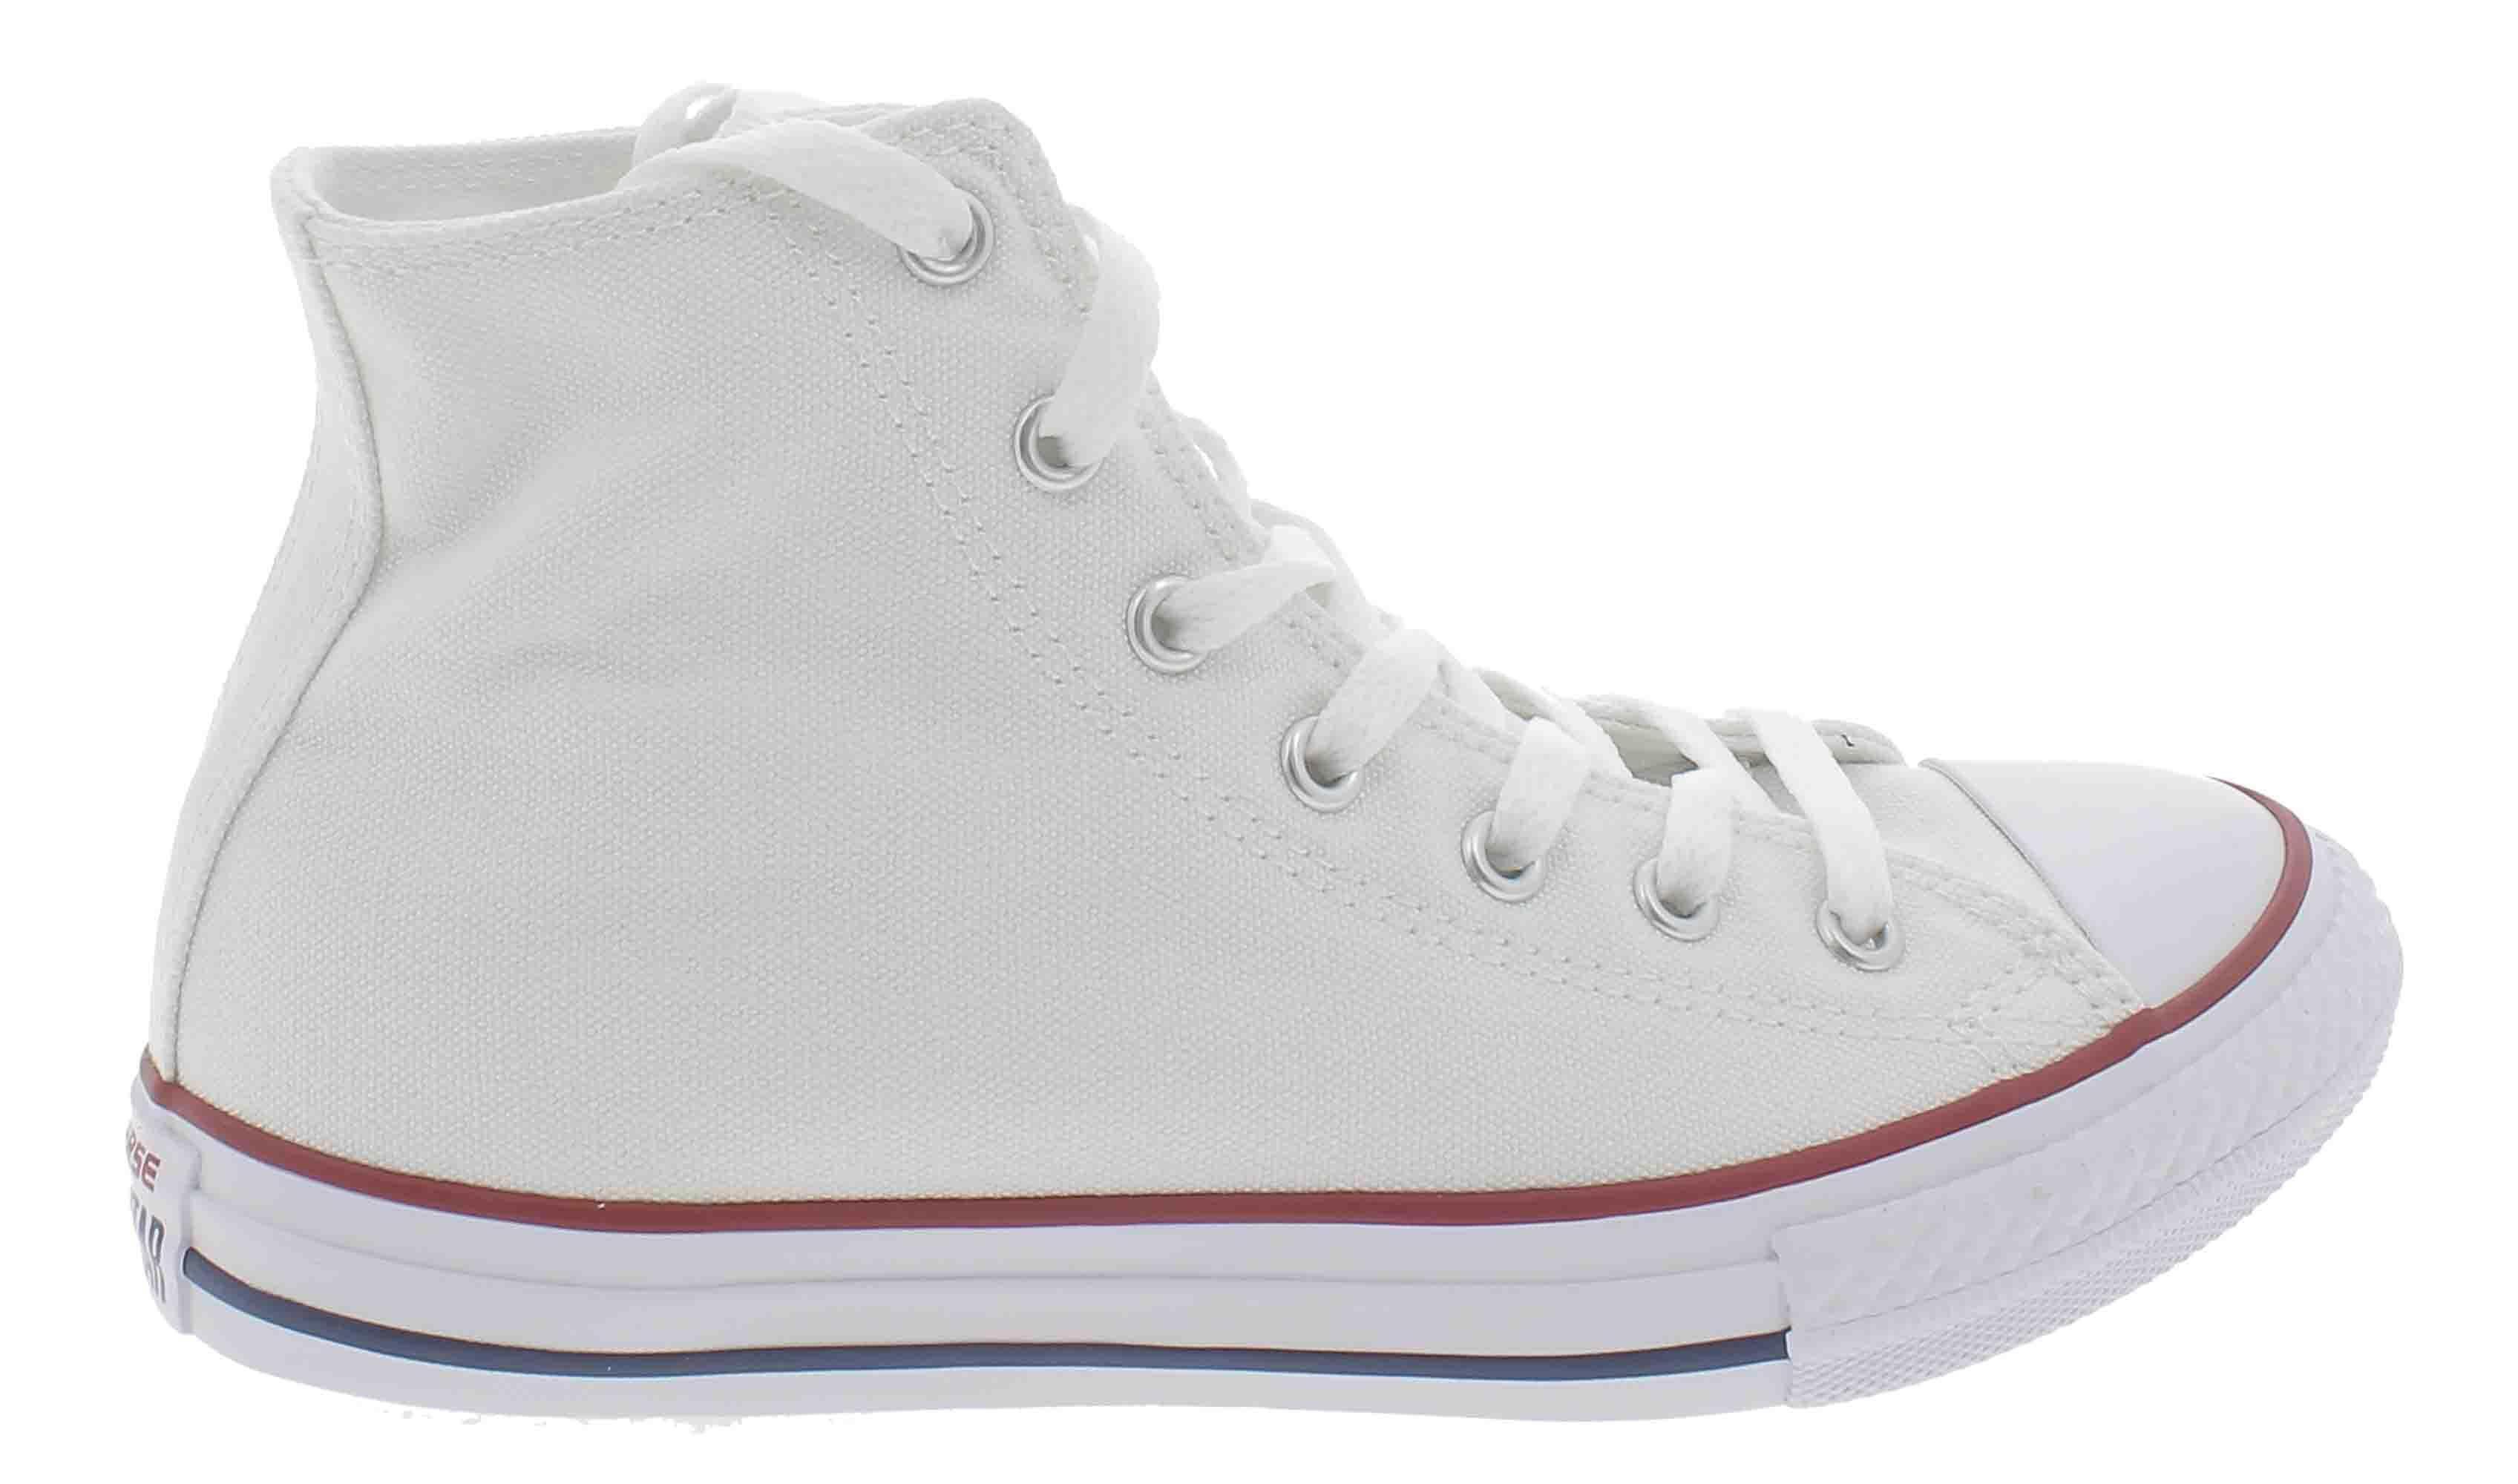 converse converse all star hi scarpe sportive alte bianche 7650